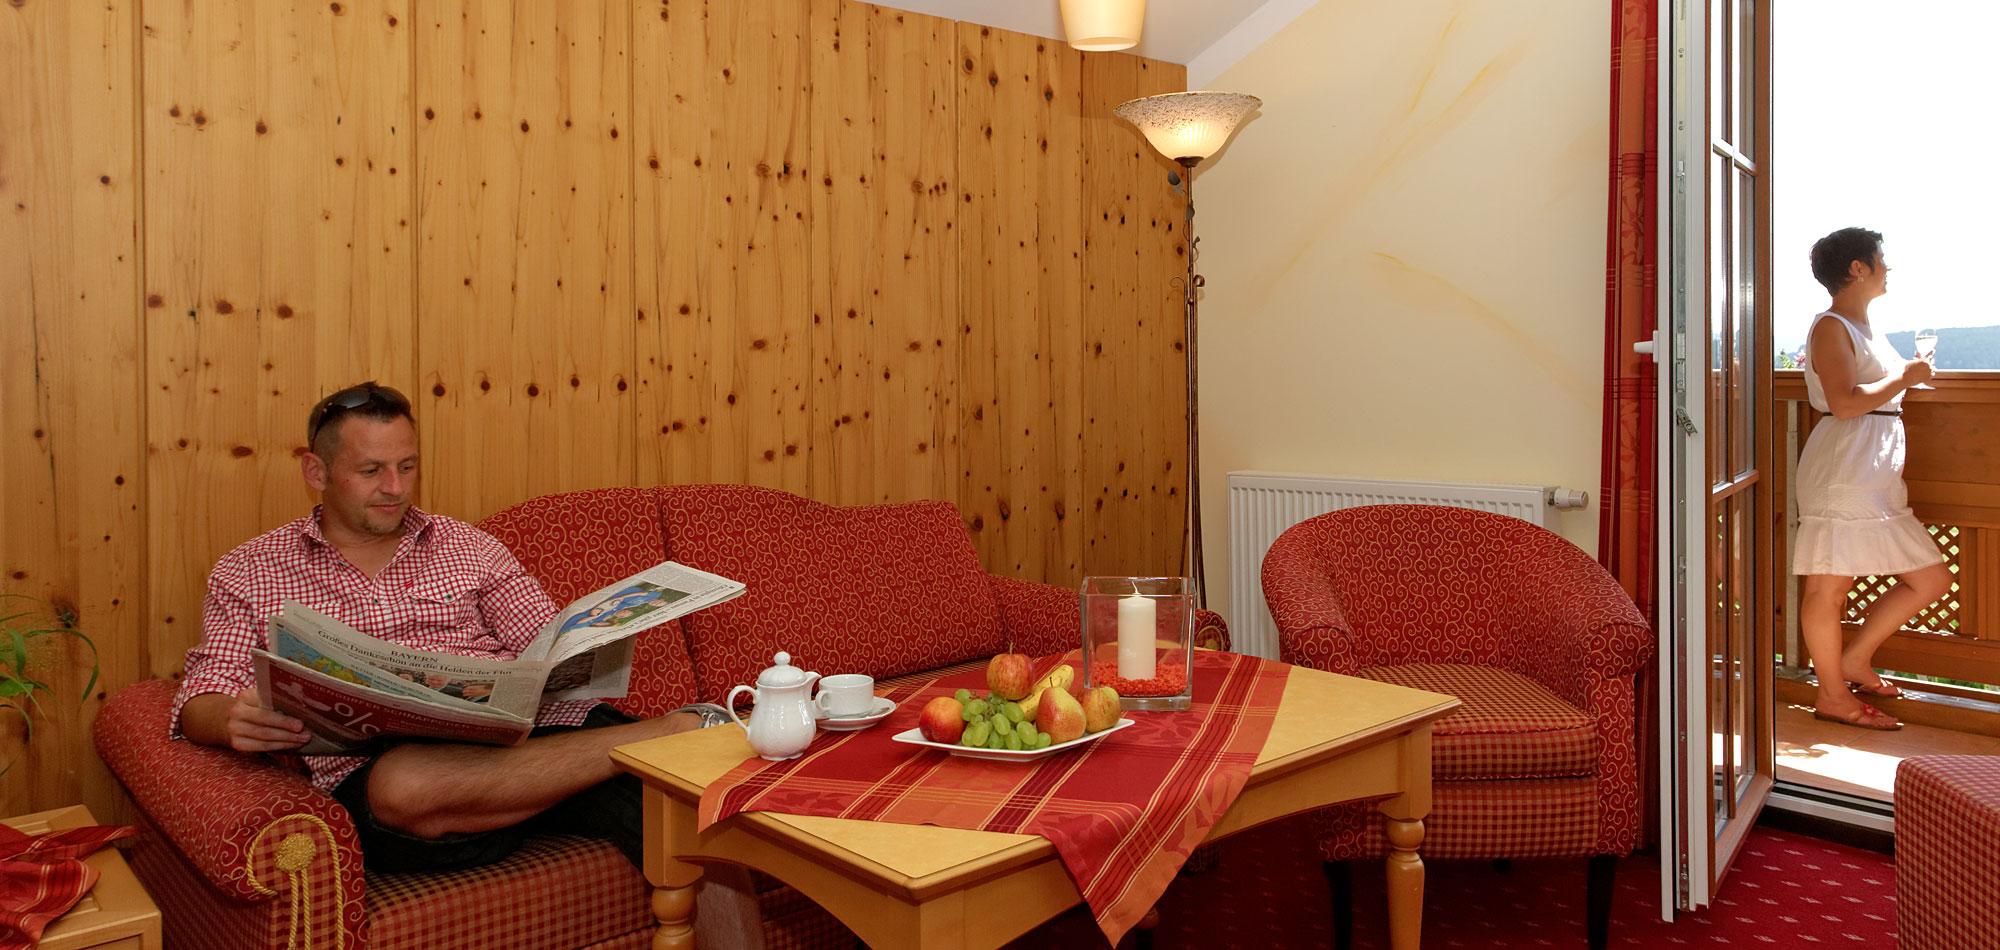 Urlaub im Wellnesshotel Weber im Bayerischen Wald